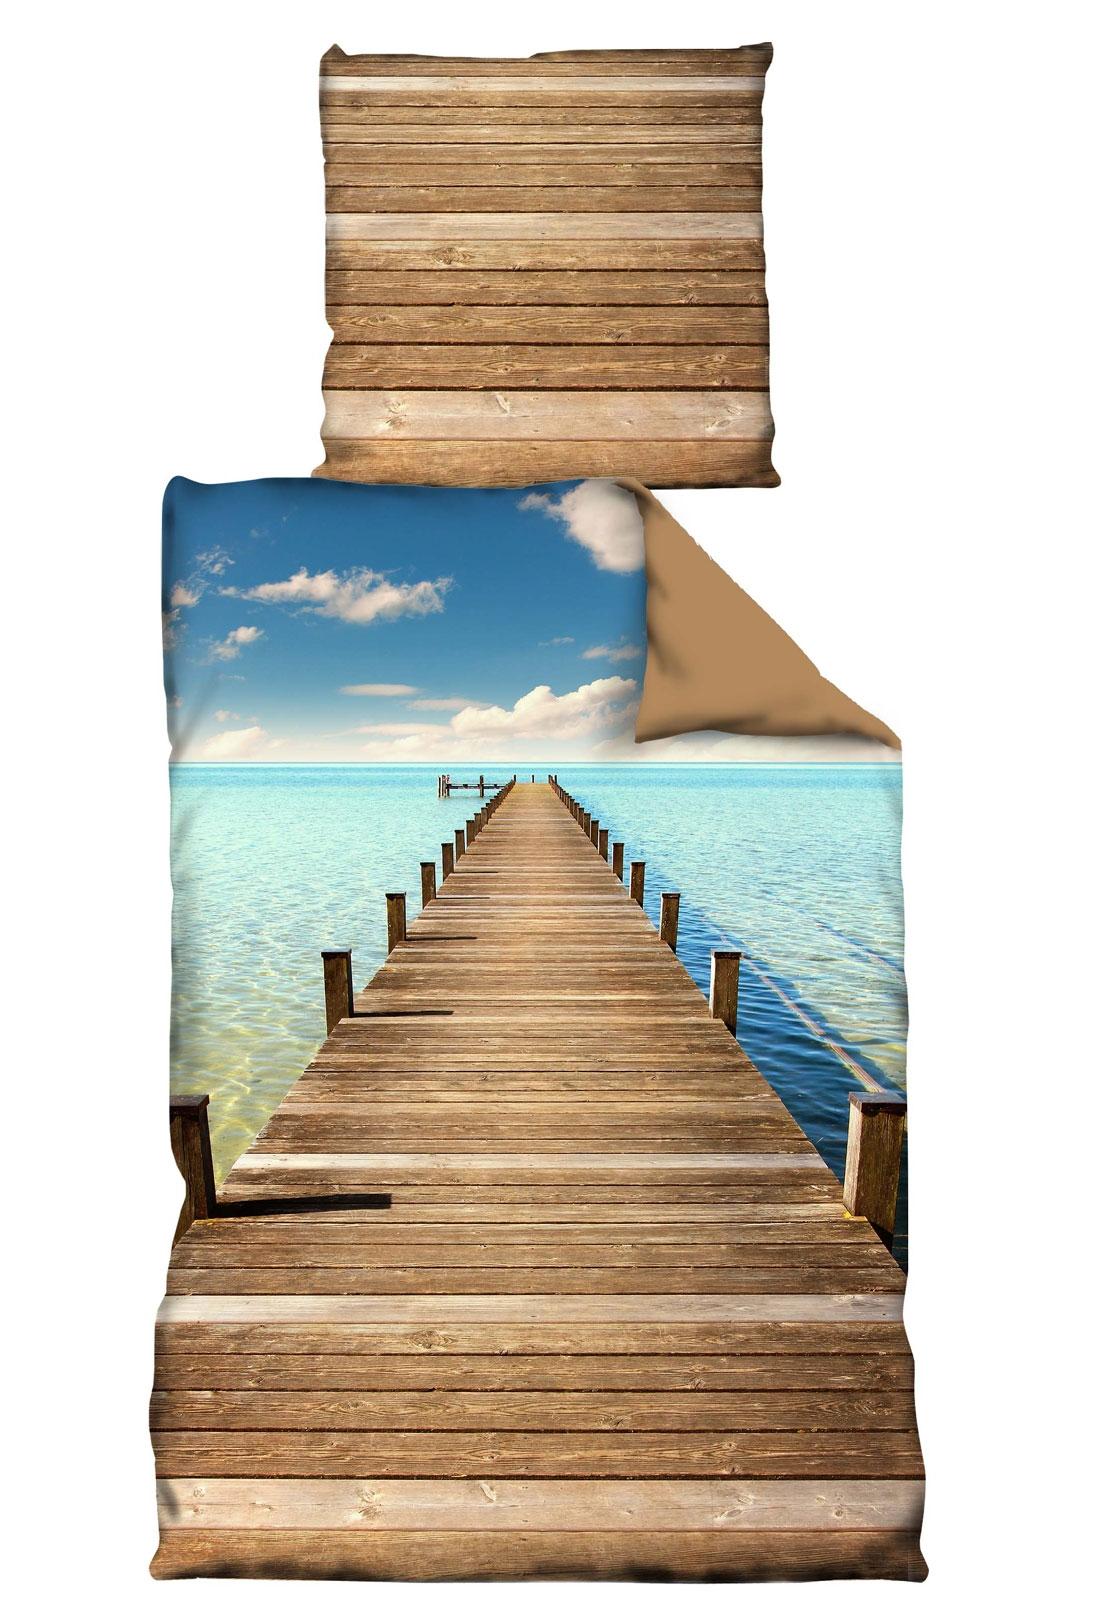 Bettwäsche - Wende Bettwäsche Microfaser 135x200 Stiego braun Karibik Steg Motiv  - Onlineshop PremiumShop321